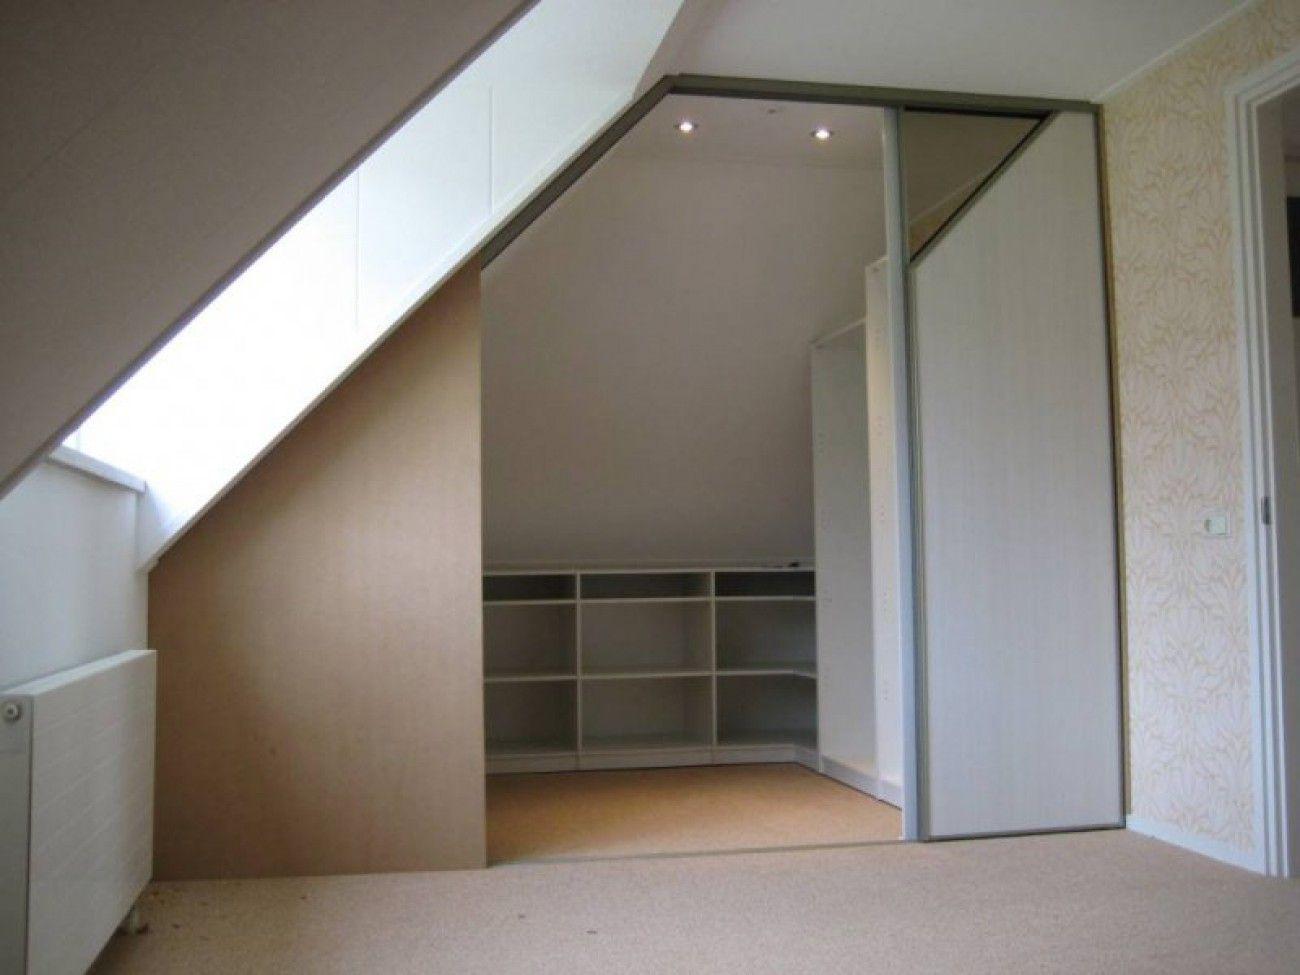 Weer een idee voor onder een schuin dak in de slaapkamer inbouwkast met schuine wand - Idee kast onder helling ...